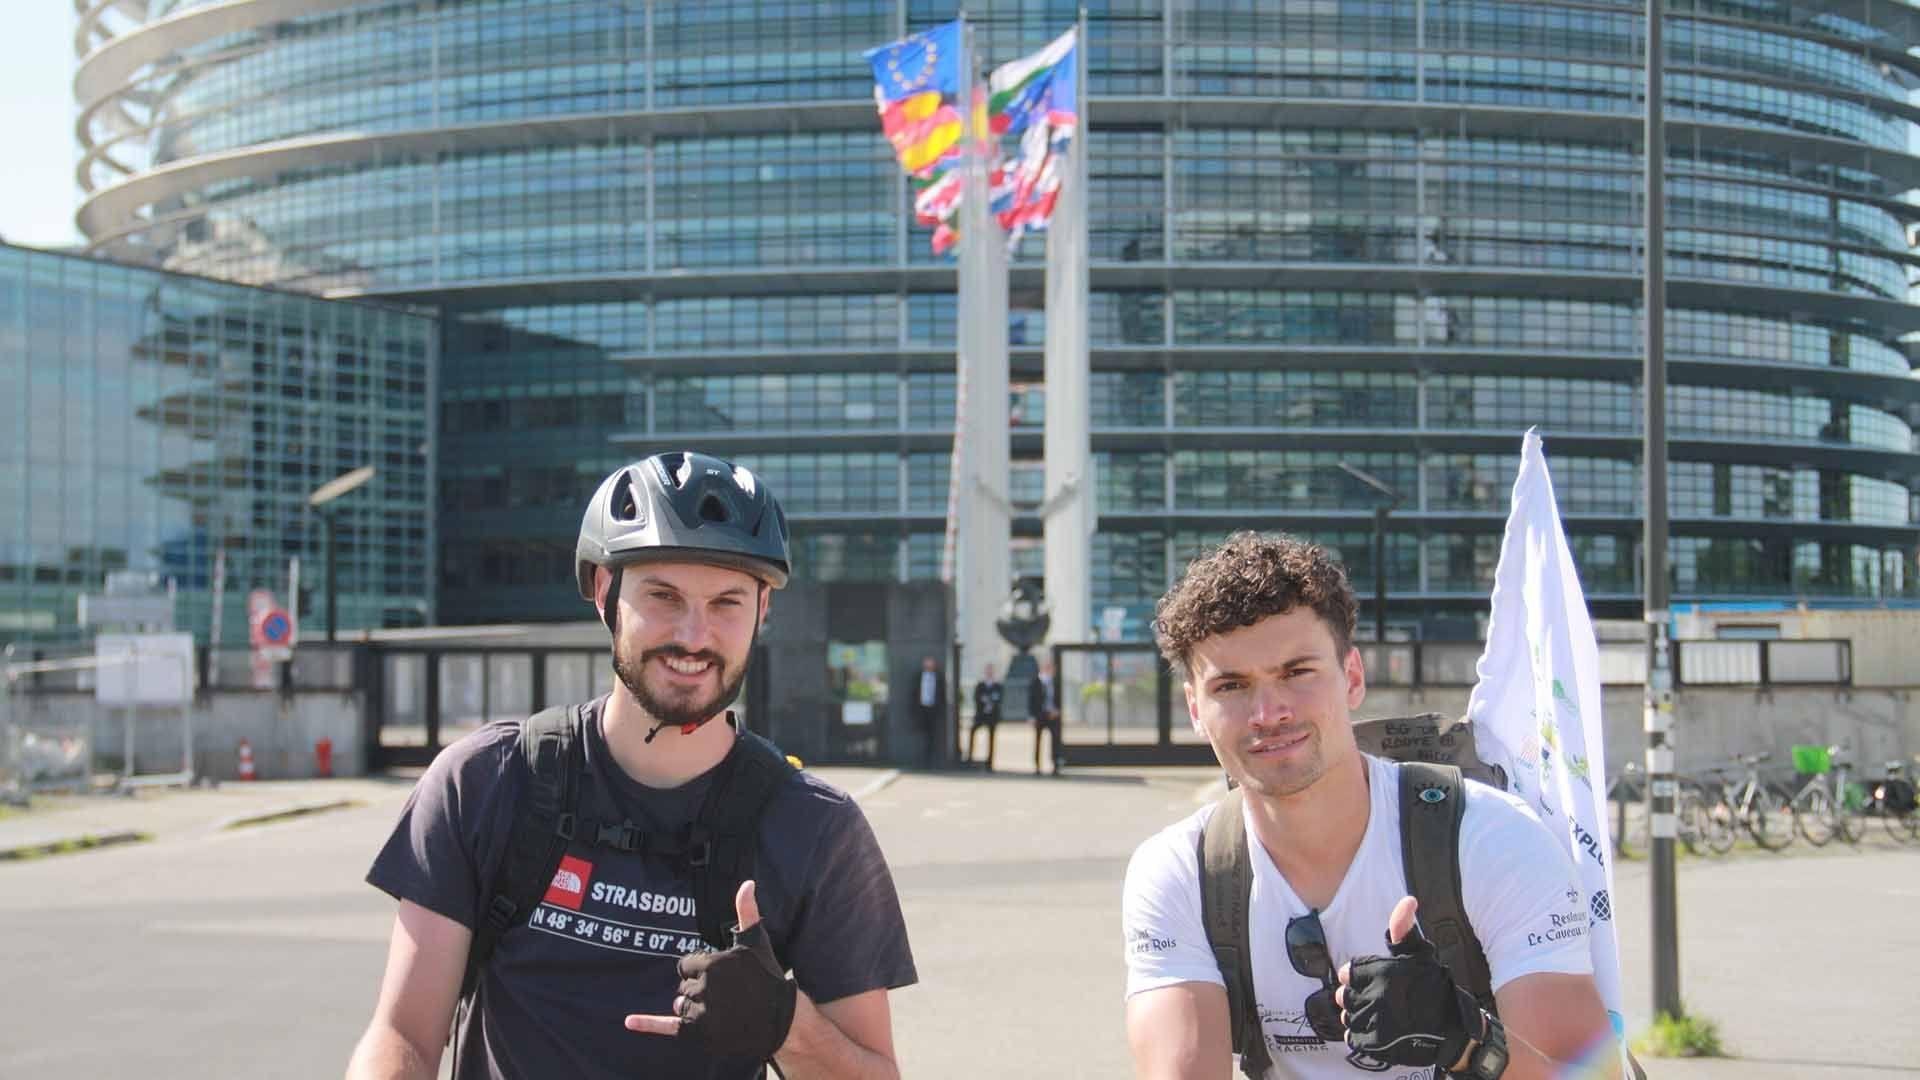 L'aventure Explore Squad de Kingersheim au cap Nord à vélo Timothé Nicot et François Bihl fondateurs d'Explore Squad